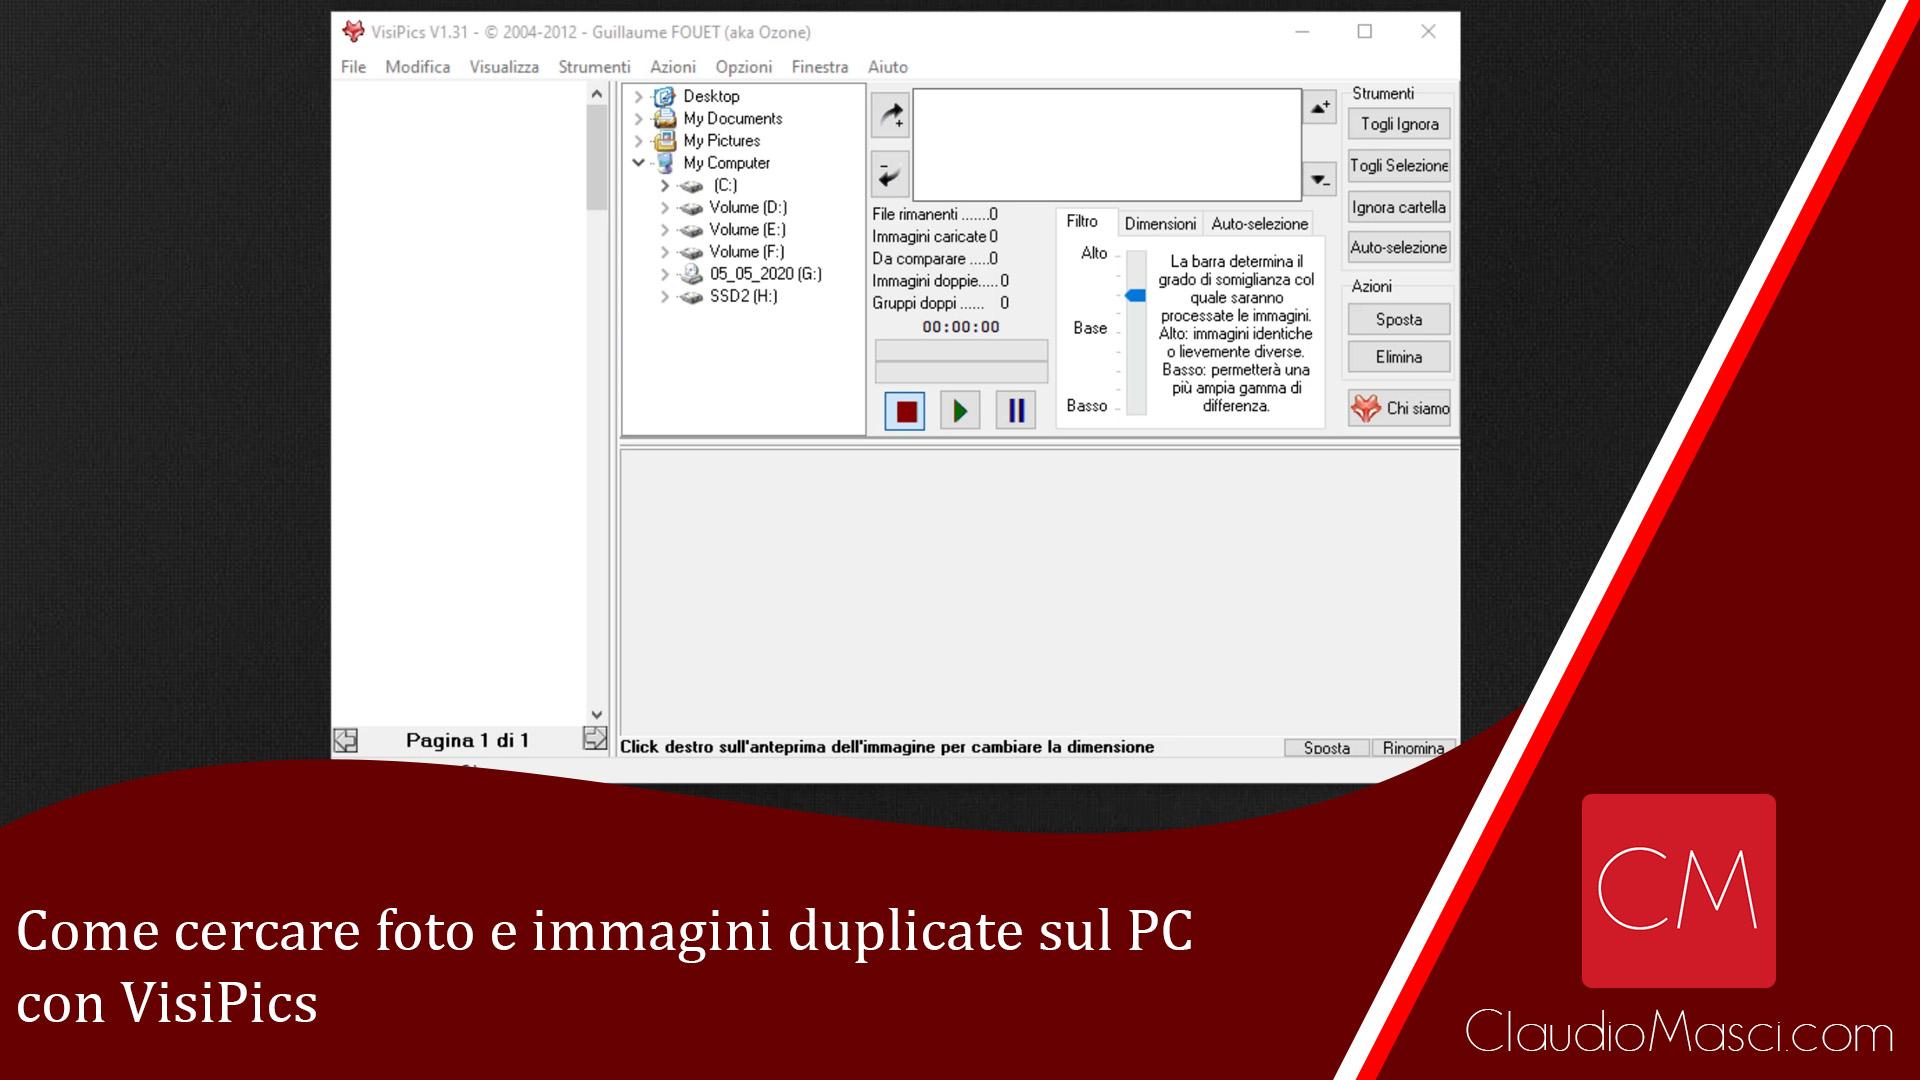 Come cercare foto e immagini duplicate sul PC con VisiPics